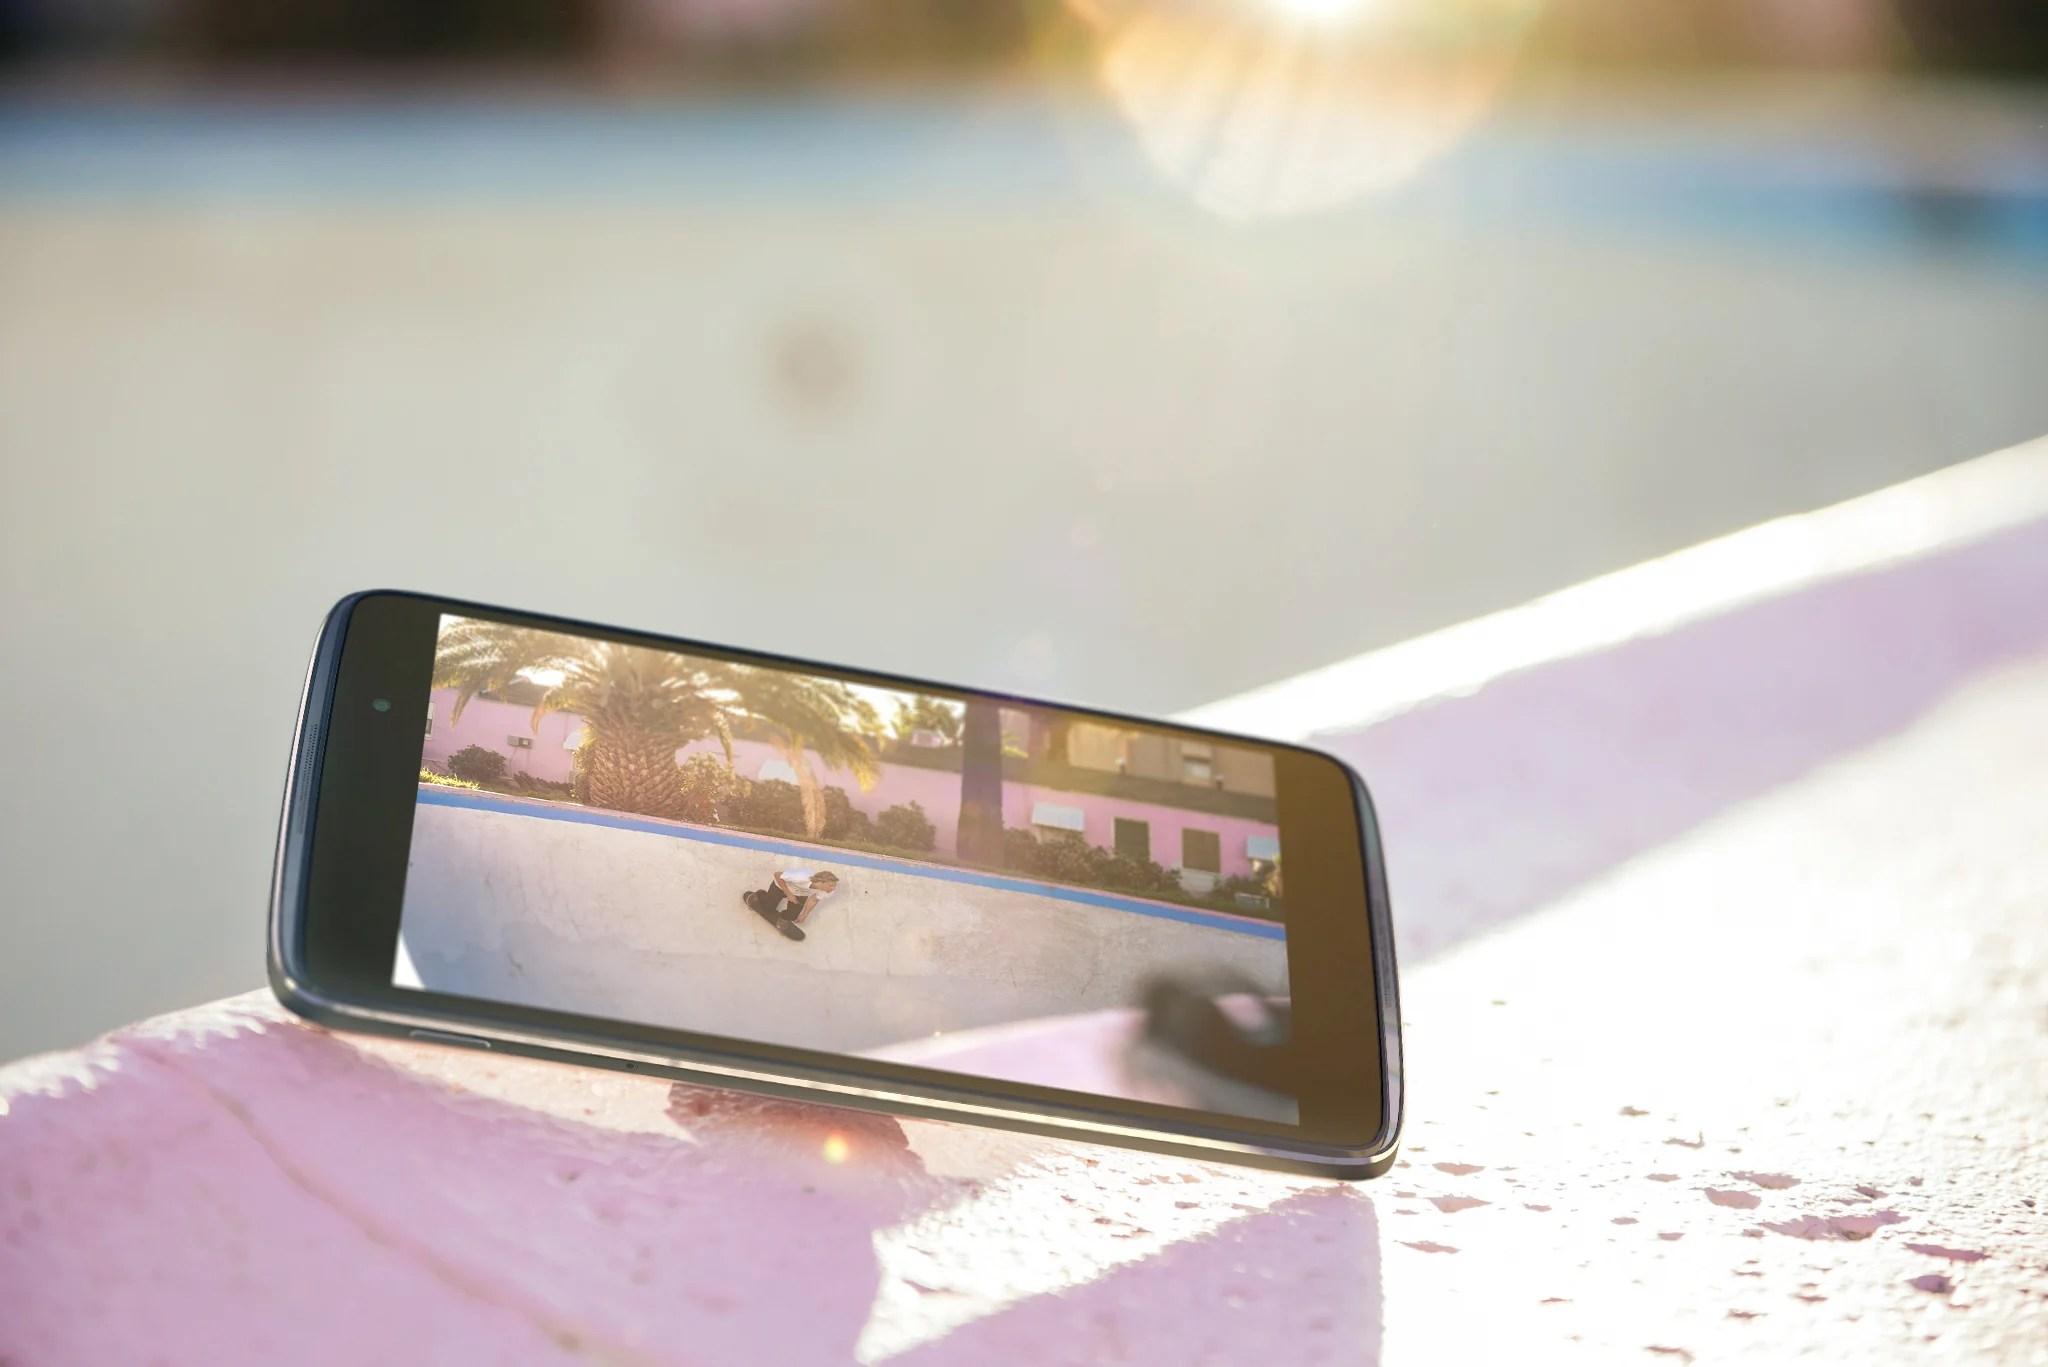 Alcatel One Touch lance ses Idol 3, deux mobiles de 4,7 et 5,5 pouces